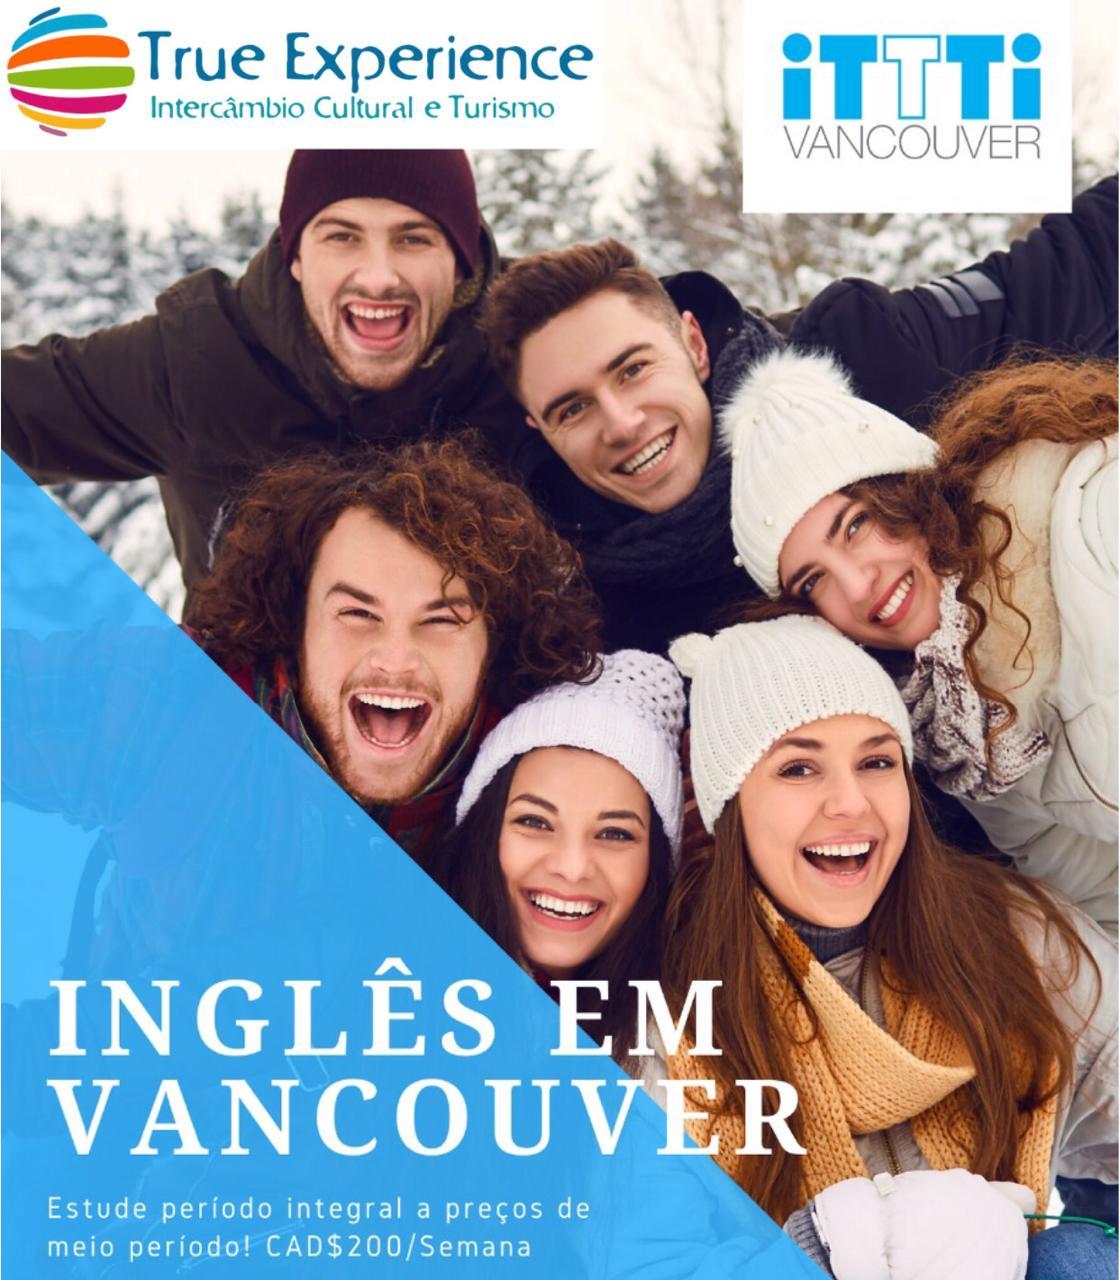 Promoção para intercâmbio em Vancouver